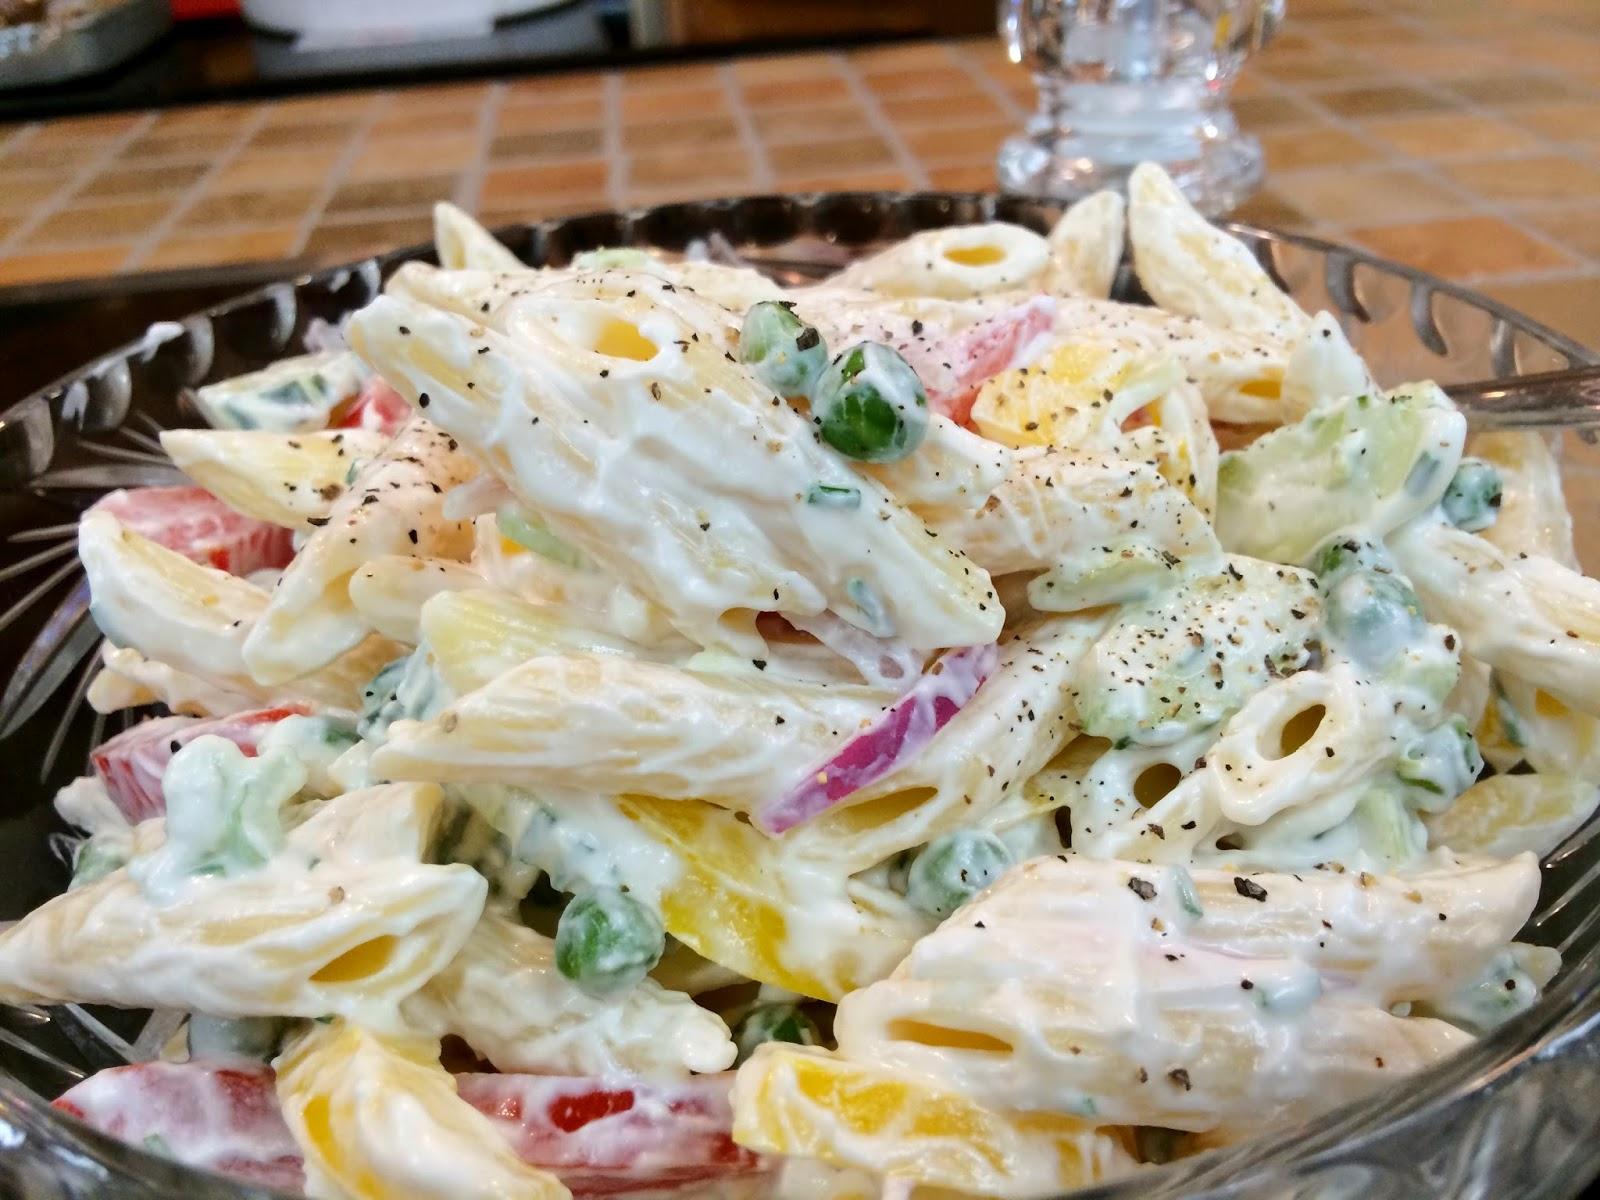 Old Farmhouse Cooking: Creamy Garden Pasta Salad